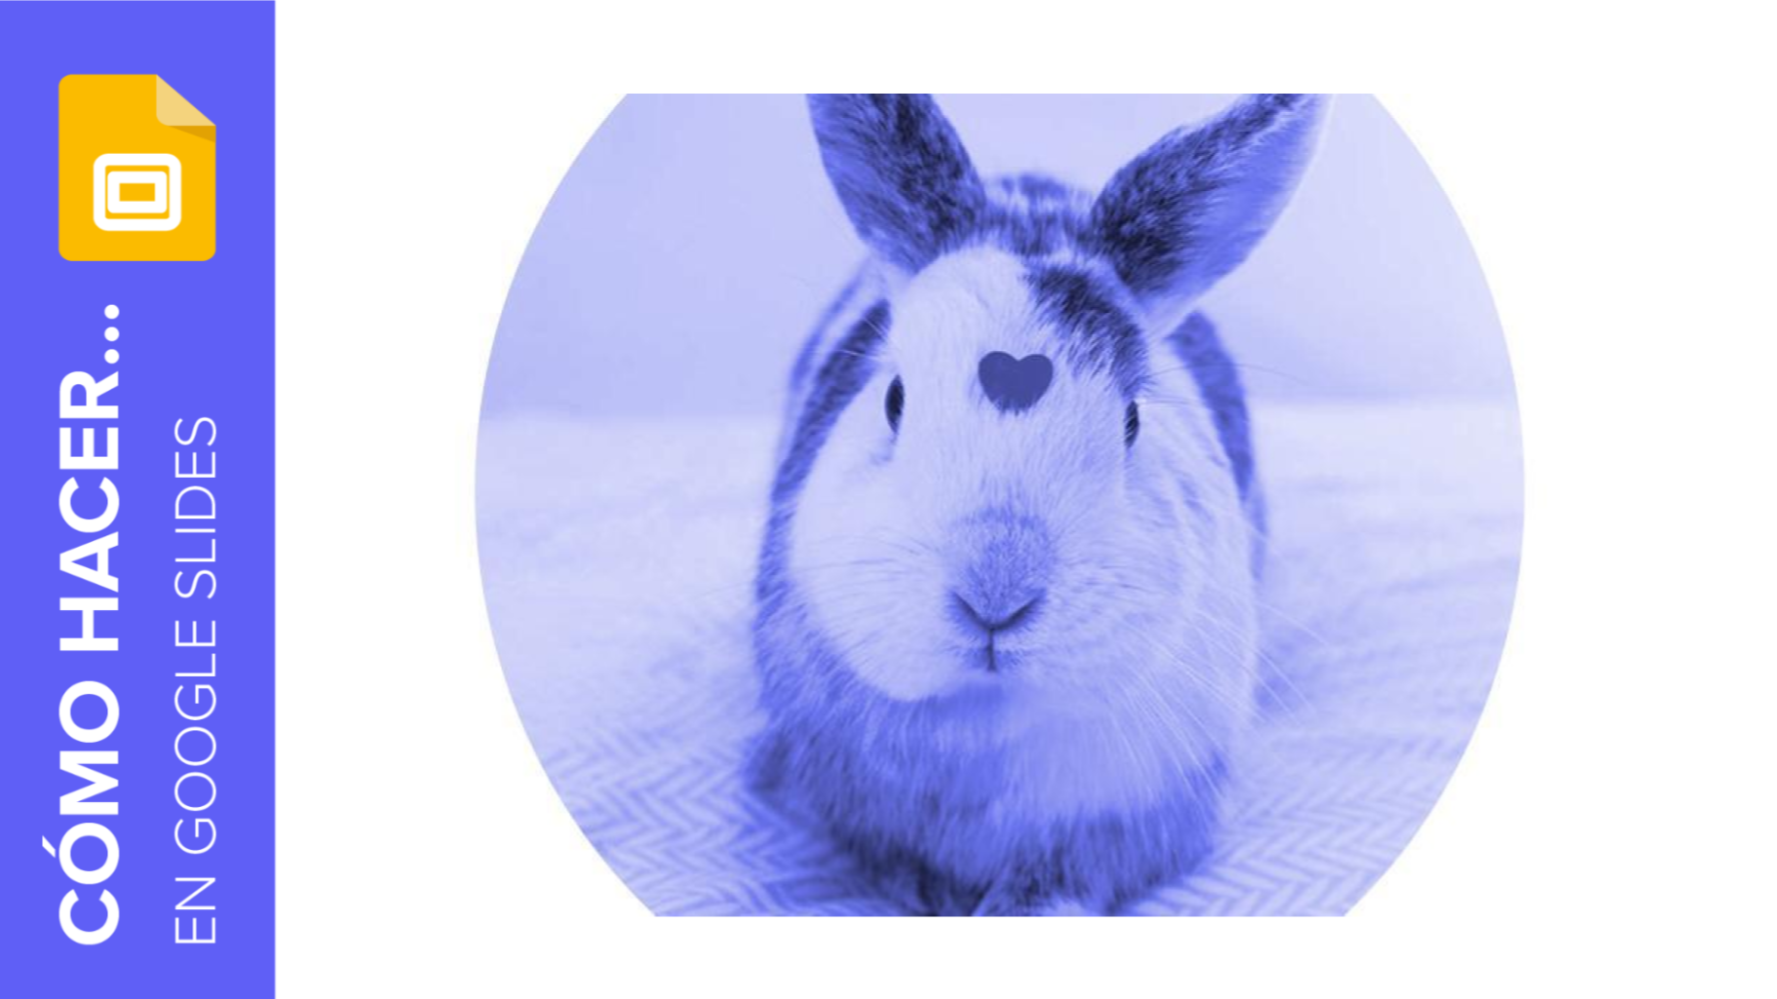 Cómo aplicar filtros a tus fotografías en Google Slides | Tutoriales y Tips para tus presentaciones